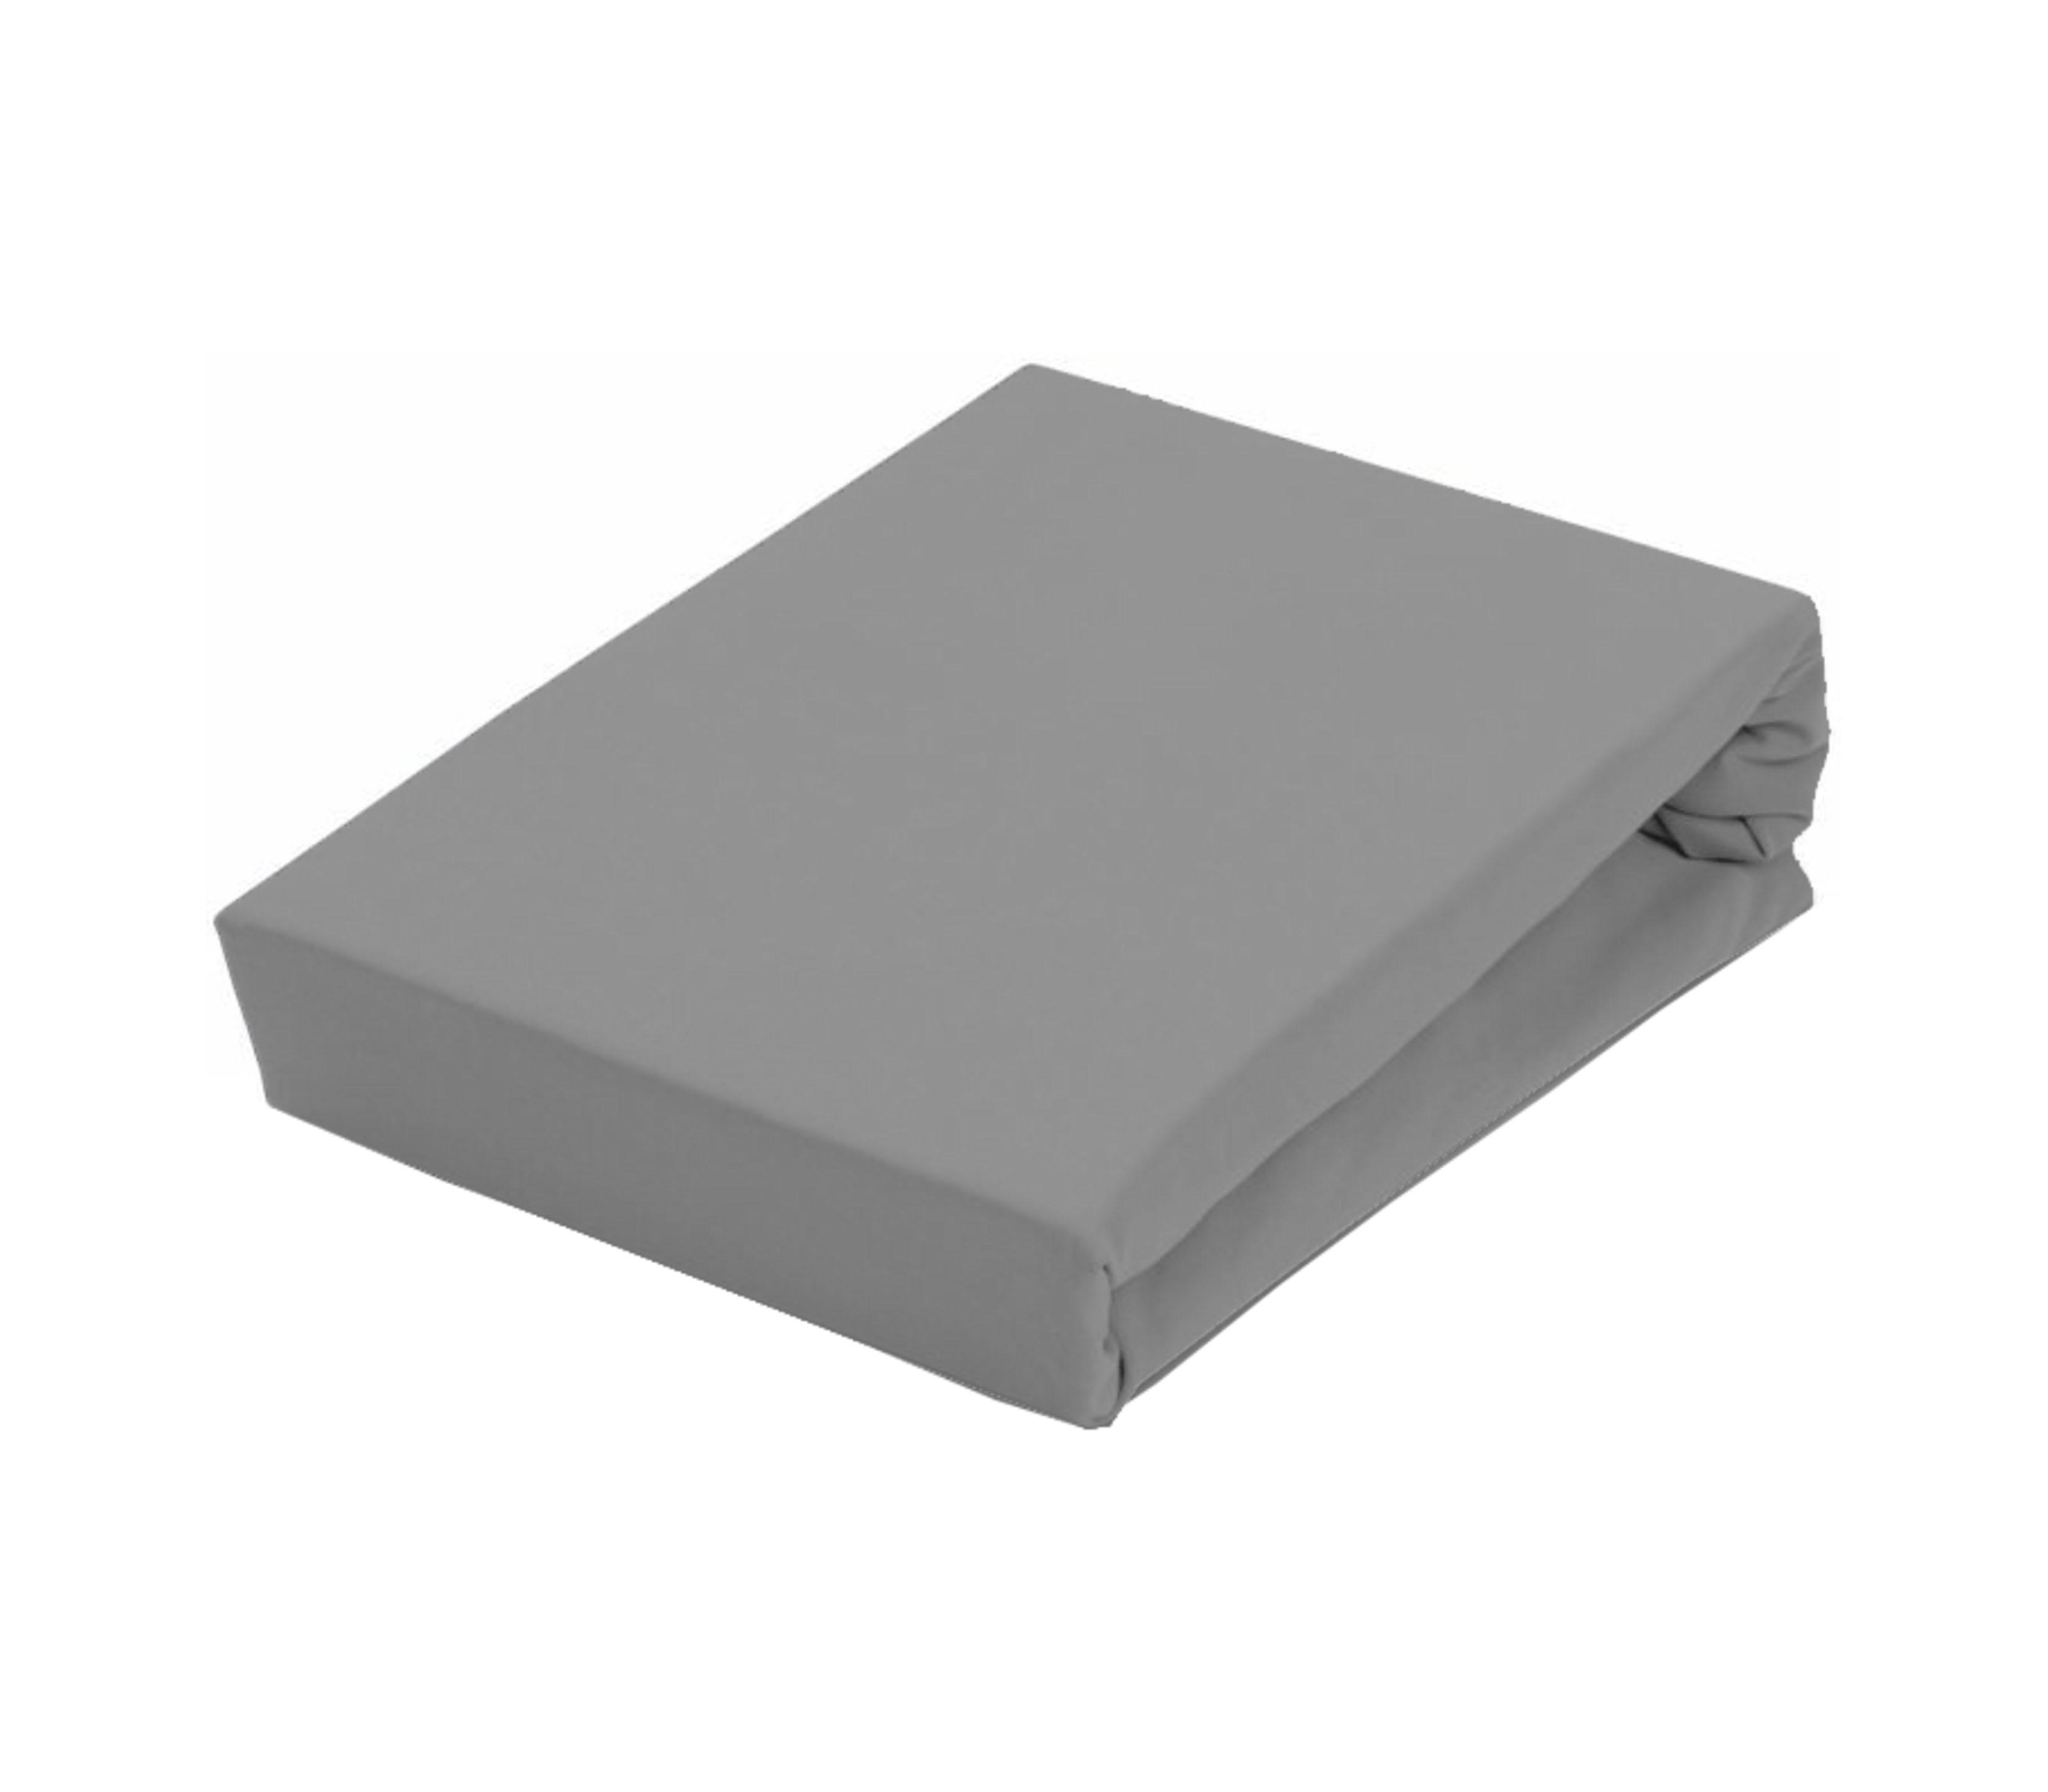 Aga Prostěradlo JERSEY 160x200 cm  Barva prostěradla: Tmavě šedá